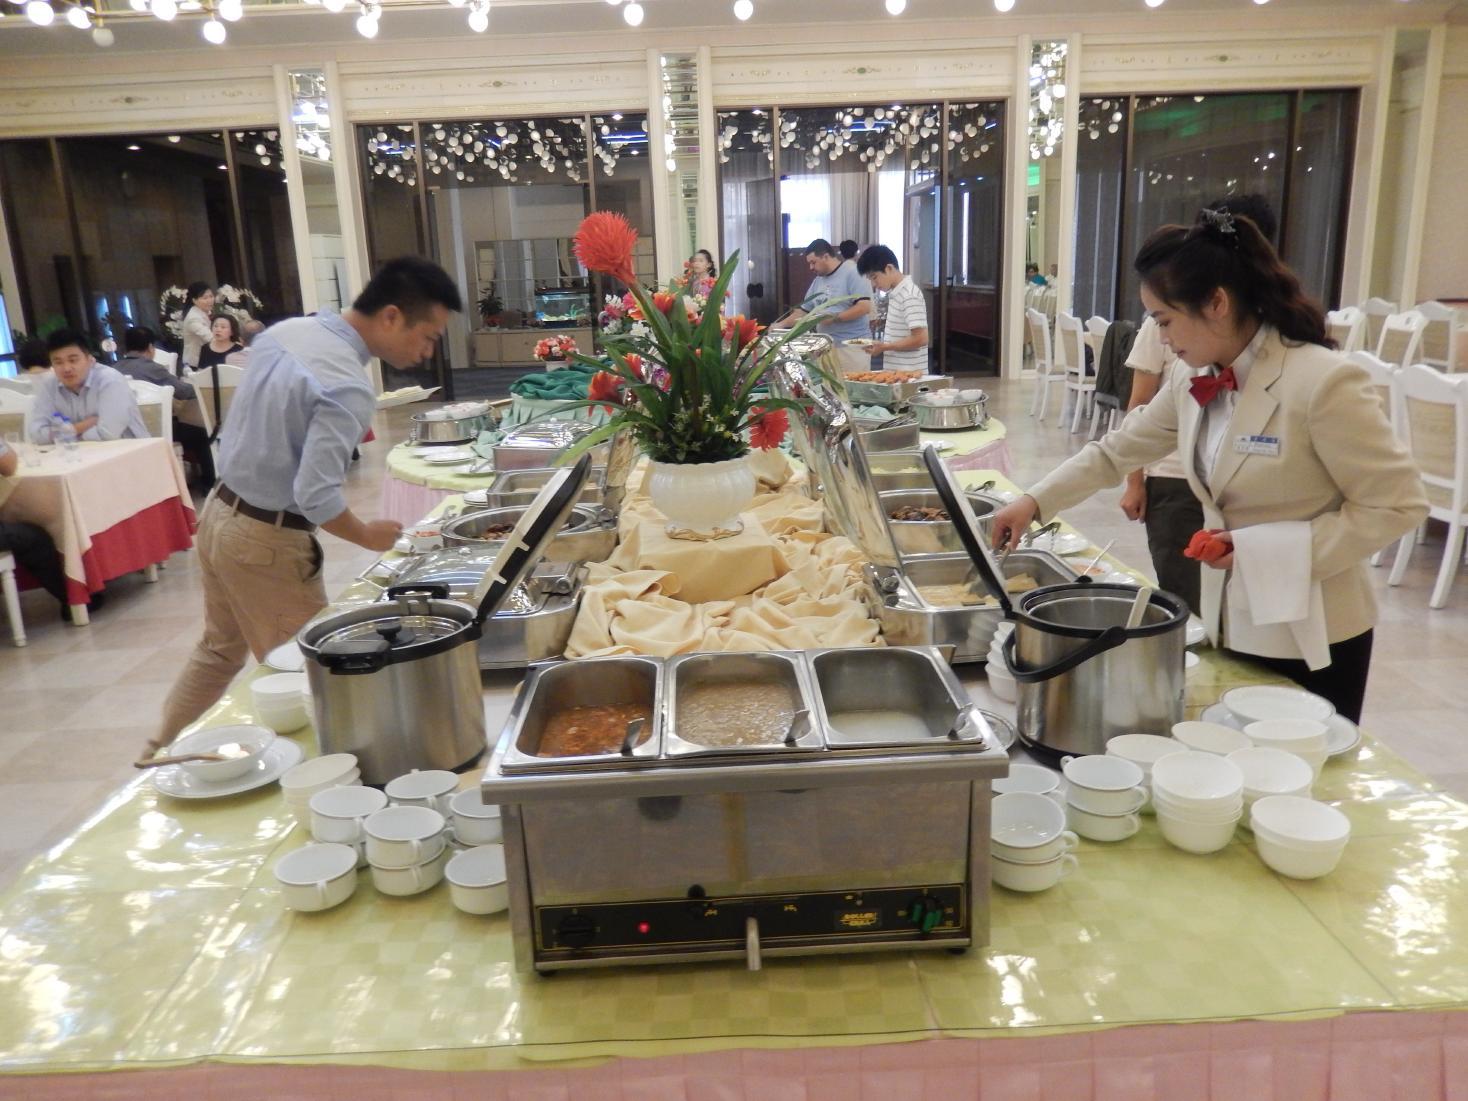 2013年版 北朝鮮のグルメ~5泊6日食事14回のすべて【前編】_b0235153_22395592.jpg